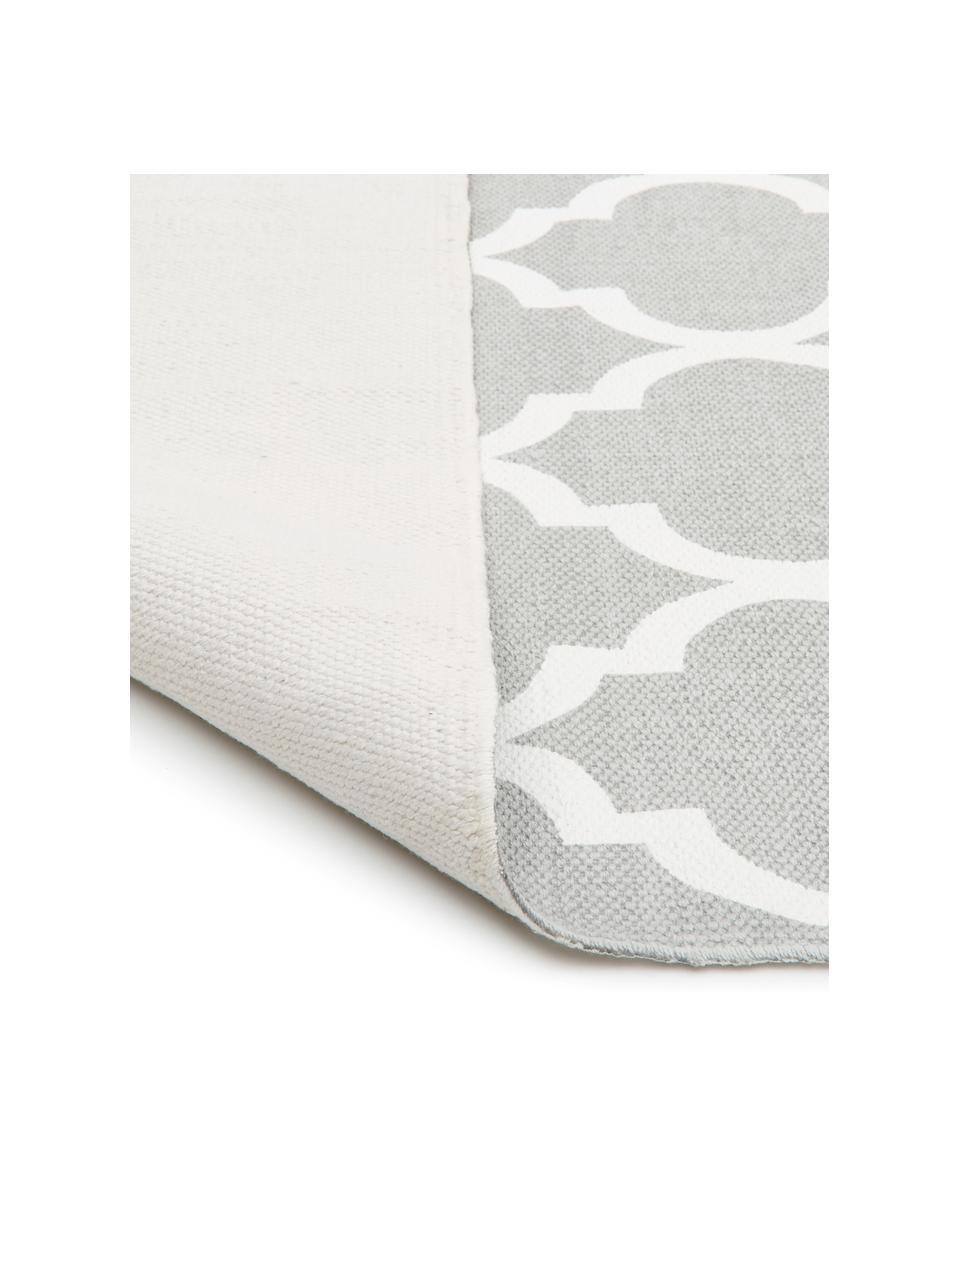 Dun katoenen vloerkleed Amira in grijs/wit, handgeweven, 100% katoen, Lichtgrijs, crèmewit, B 120 x L 180 cm (maat S)